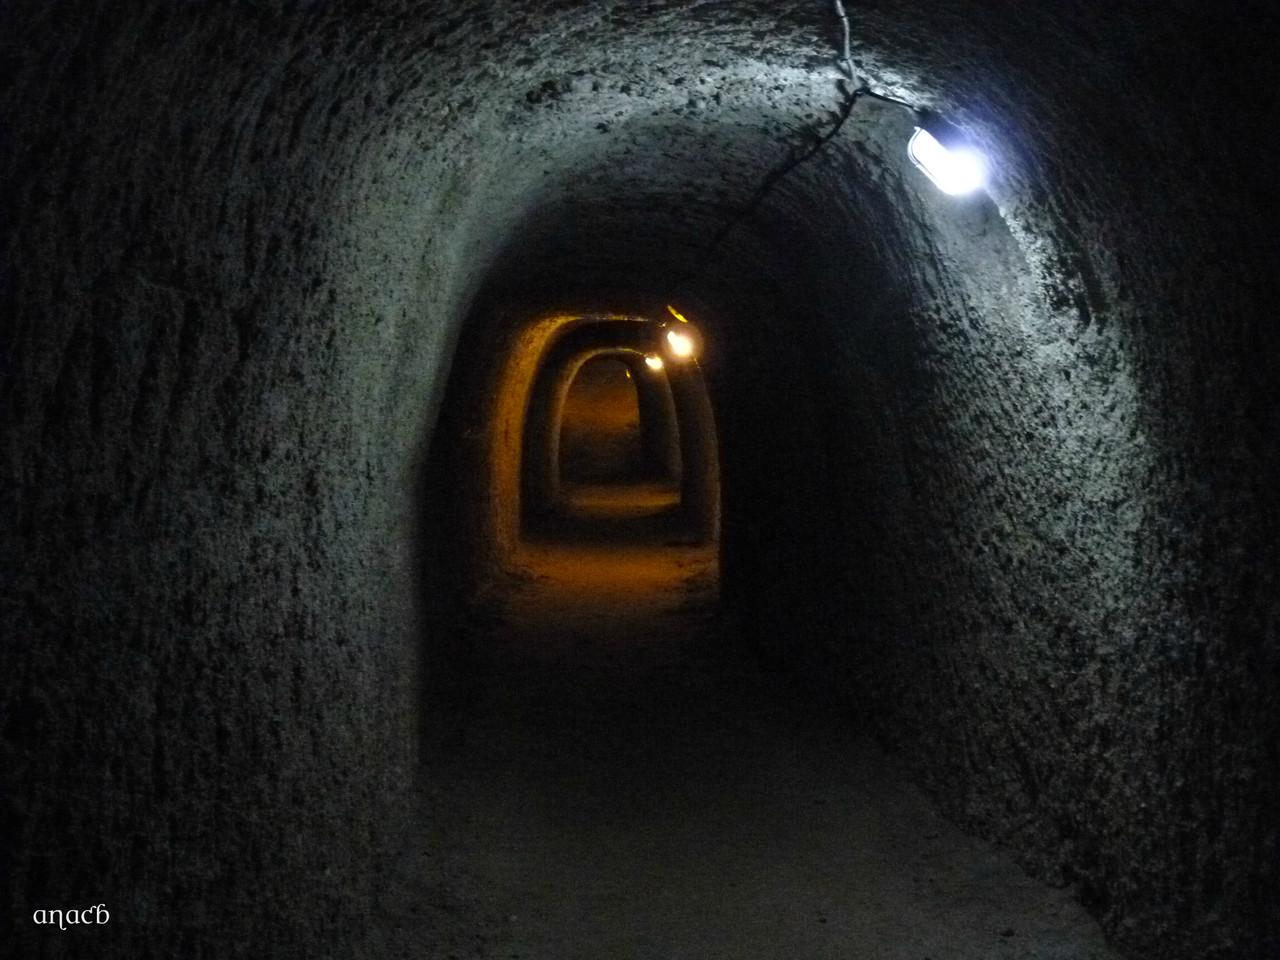 Milos-Adámas-bunker 2ª Guerra Mundial (3275) có